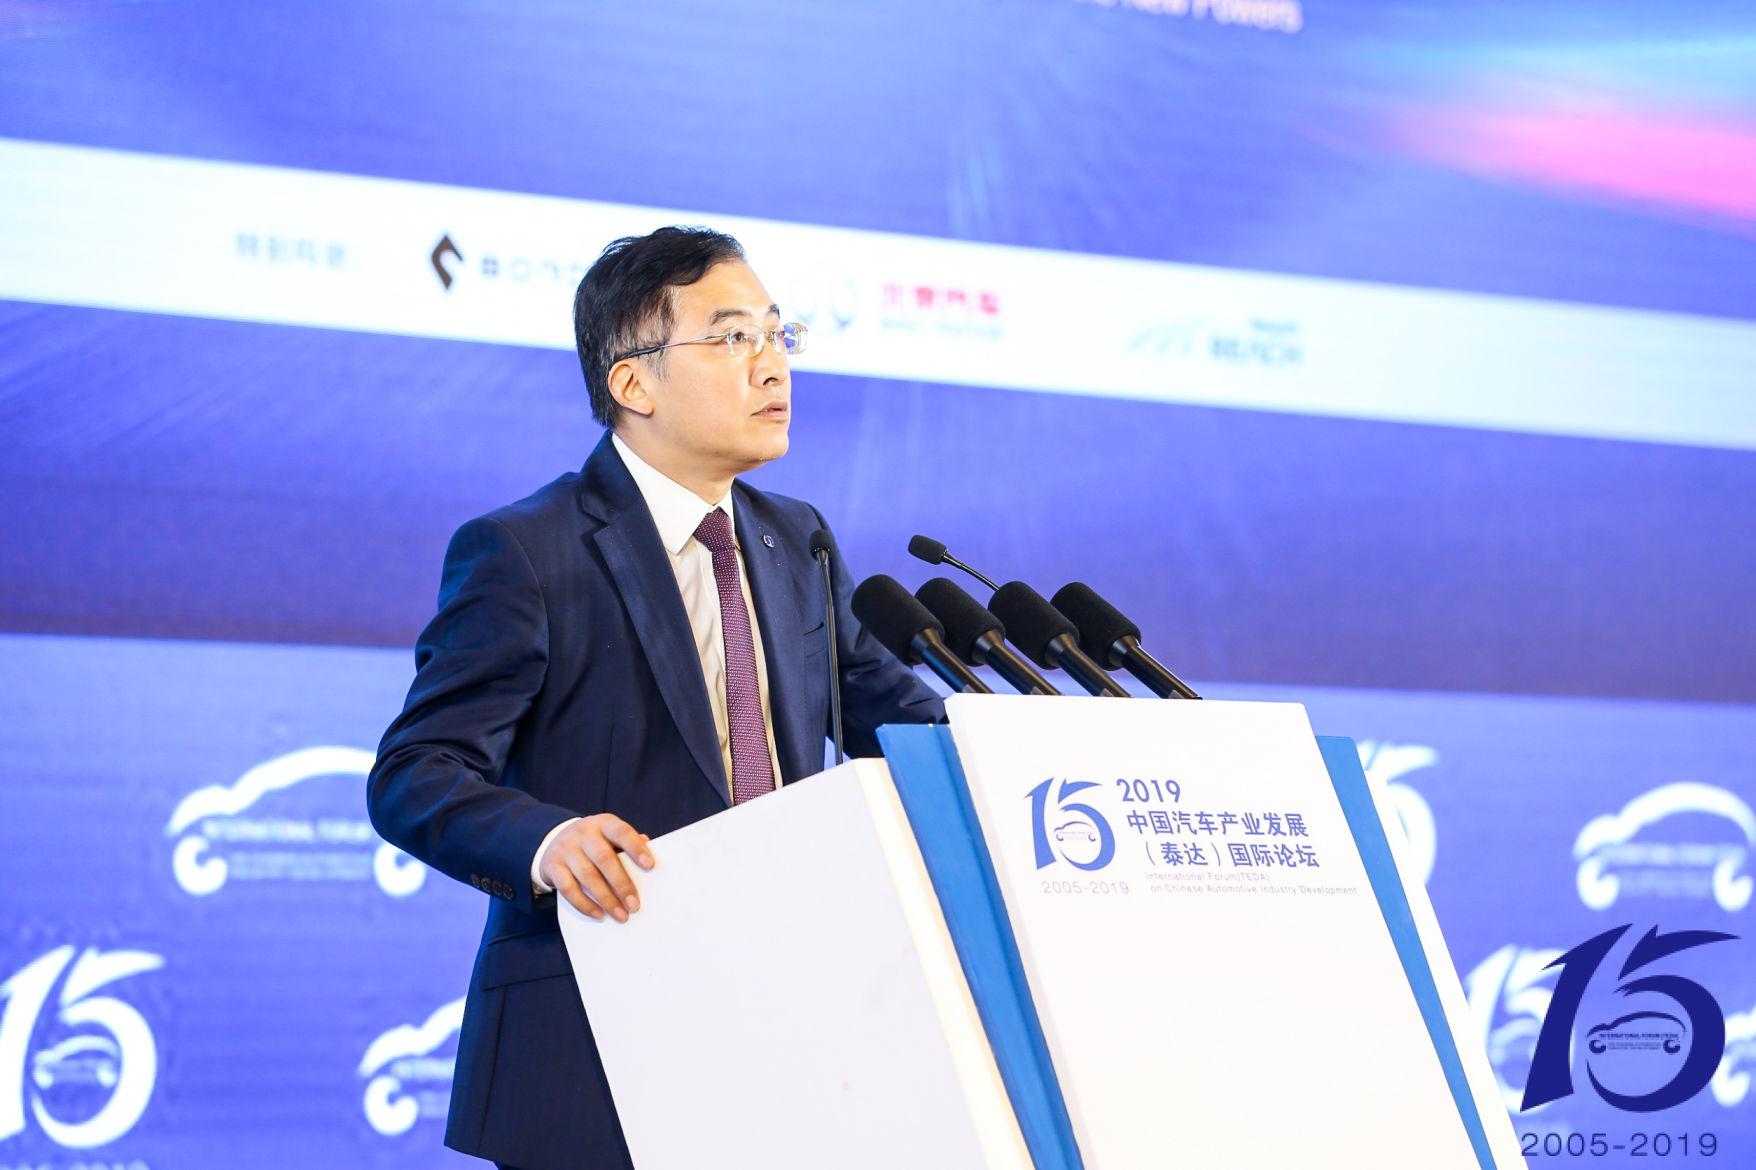 刘波:汽车产业淘汰期,要着力提升产品力和品牌力